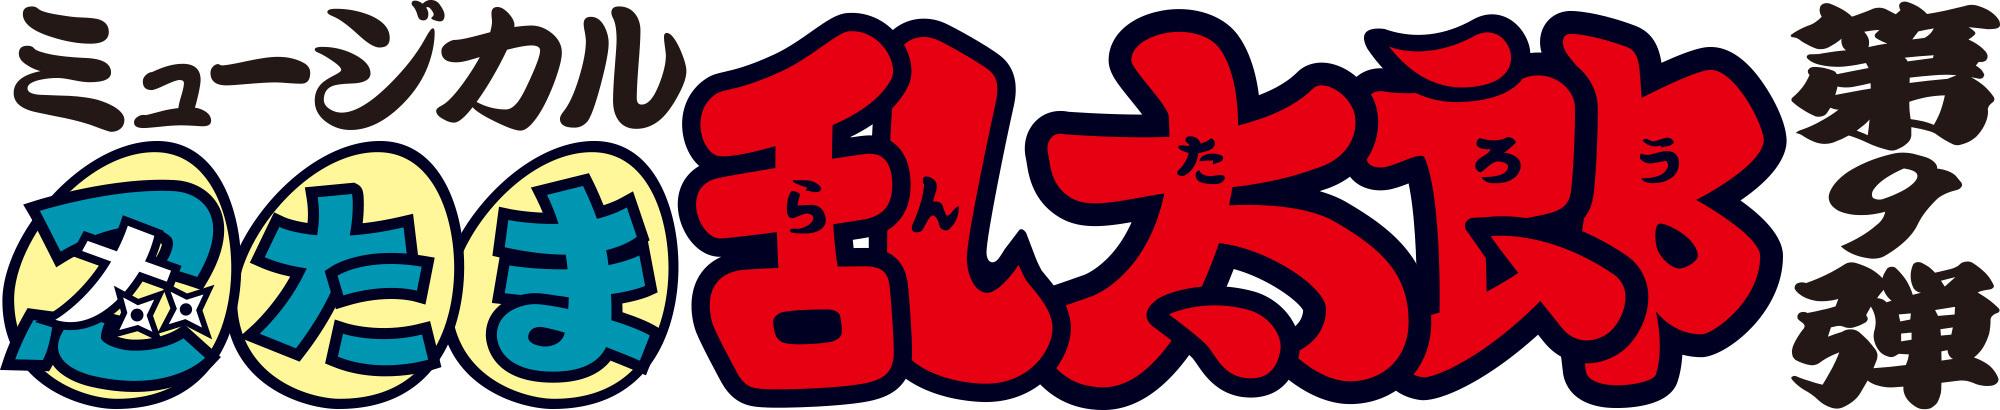 ミュージカル「忍たま乱太郎」第9弾 (C)尼子騒兵衛/NHK・NEP (C)ミュージカル「忍たま乱太郎」製作委員会